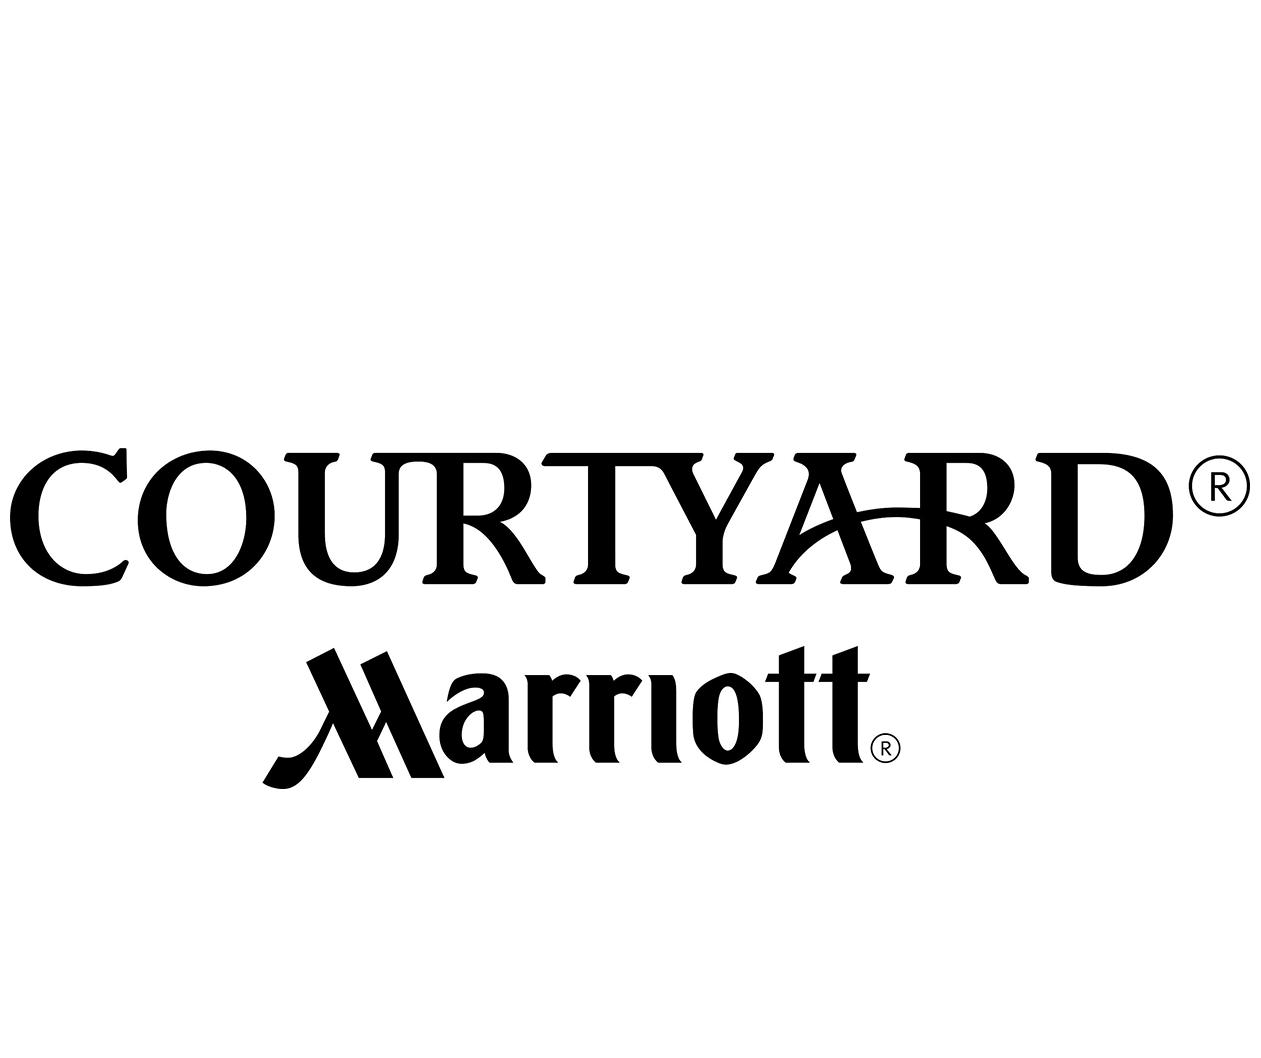 Courtyyard